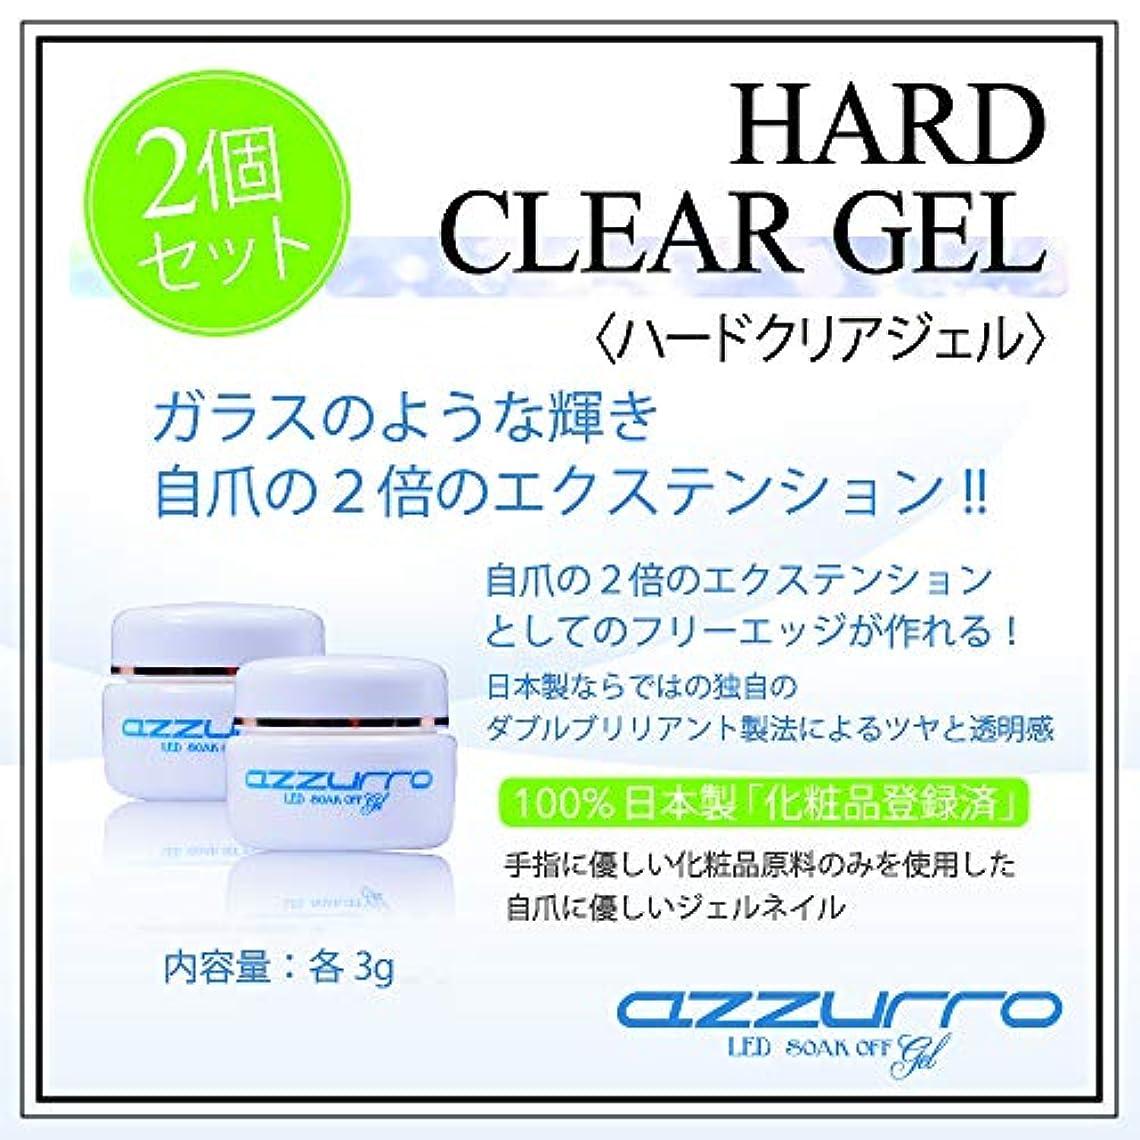 azzurro gel アッズーロハードクリアージェル 3g お得な2個セット キラキラ感持続 抜群のツヤ